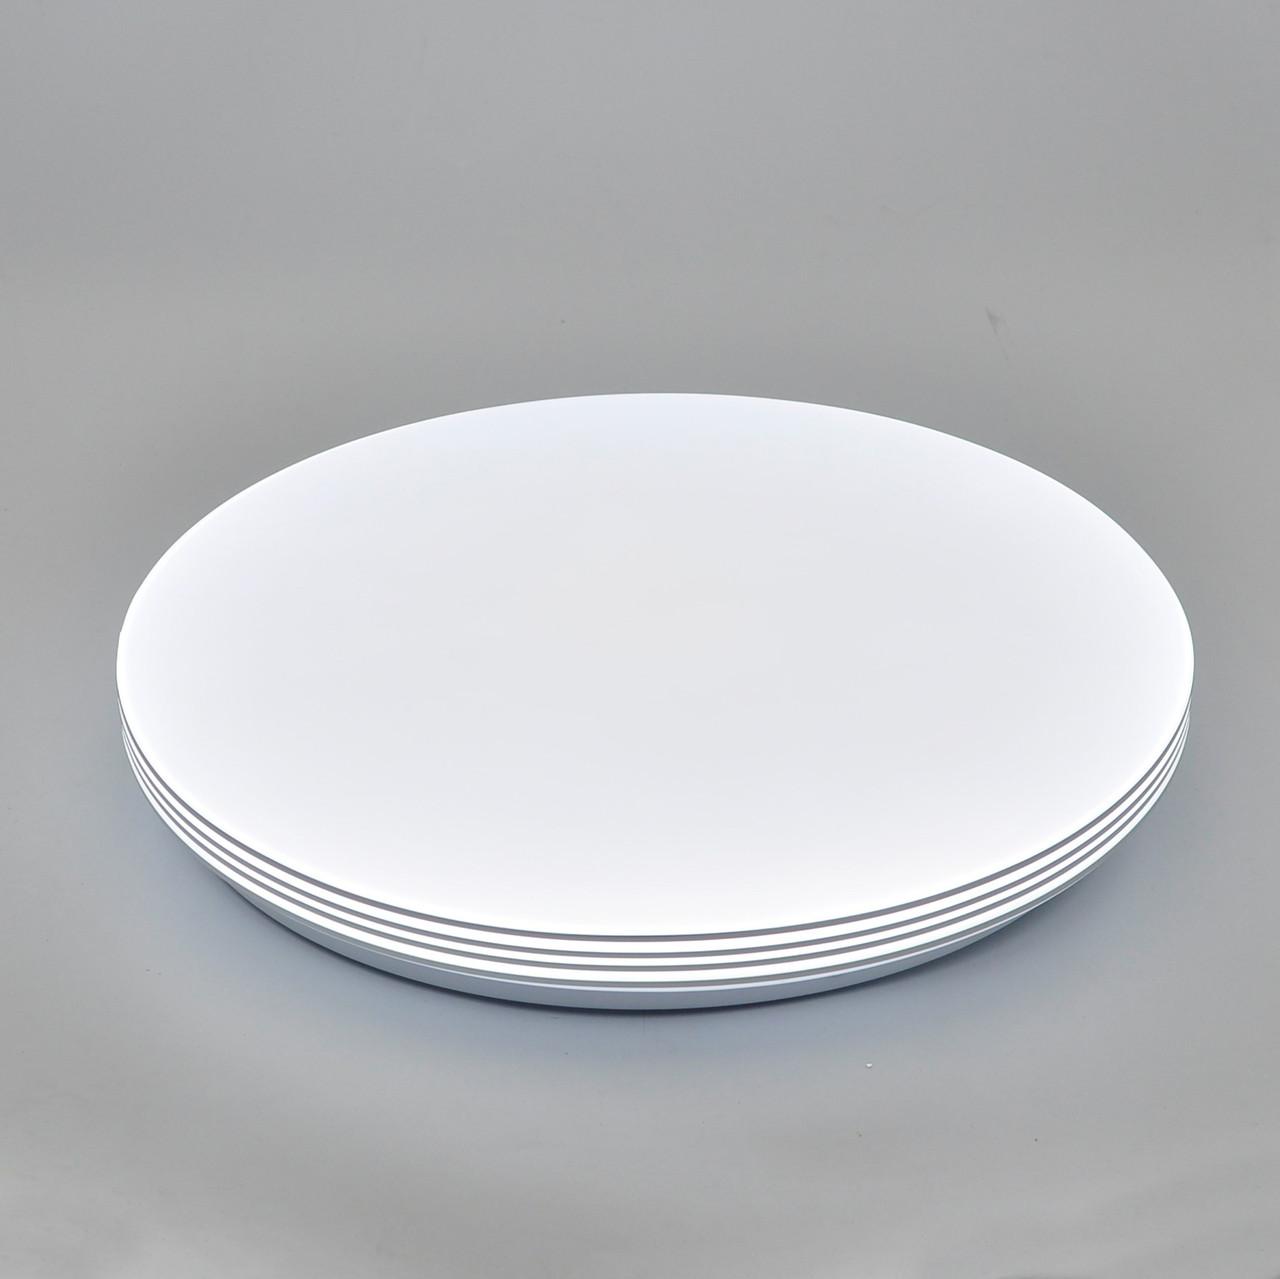 Кругла світлодіодна SMART люстра 80W 500x500x55